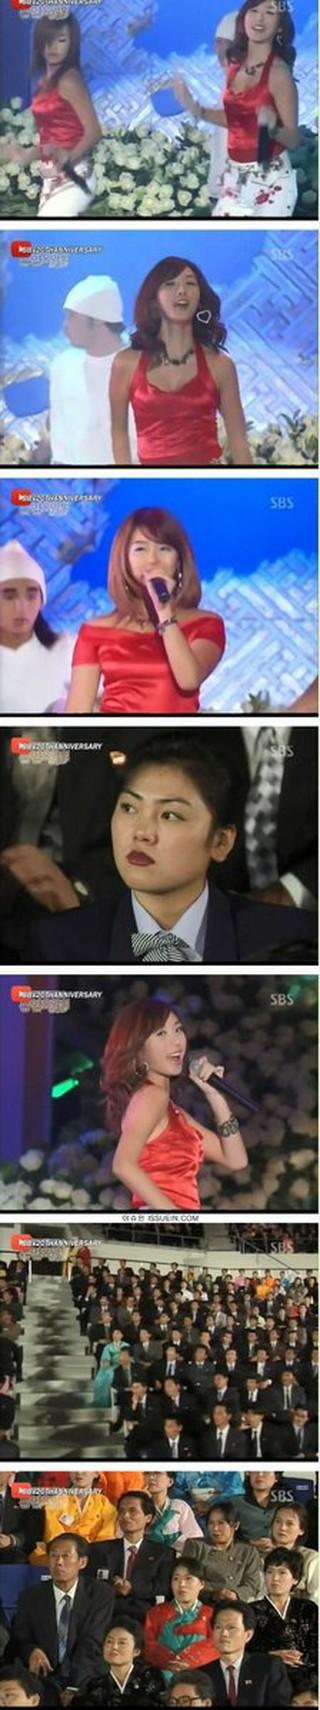 """韓国の第一世代アイドルグループBaby V.O.X のステージを観賞した北朝鮮人たちの反応… """"冷たい表情""""に注目。"""